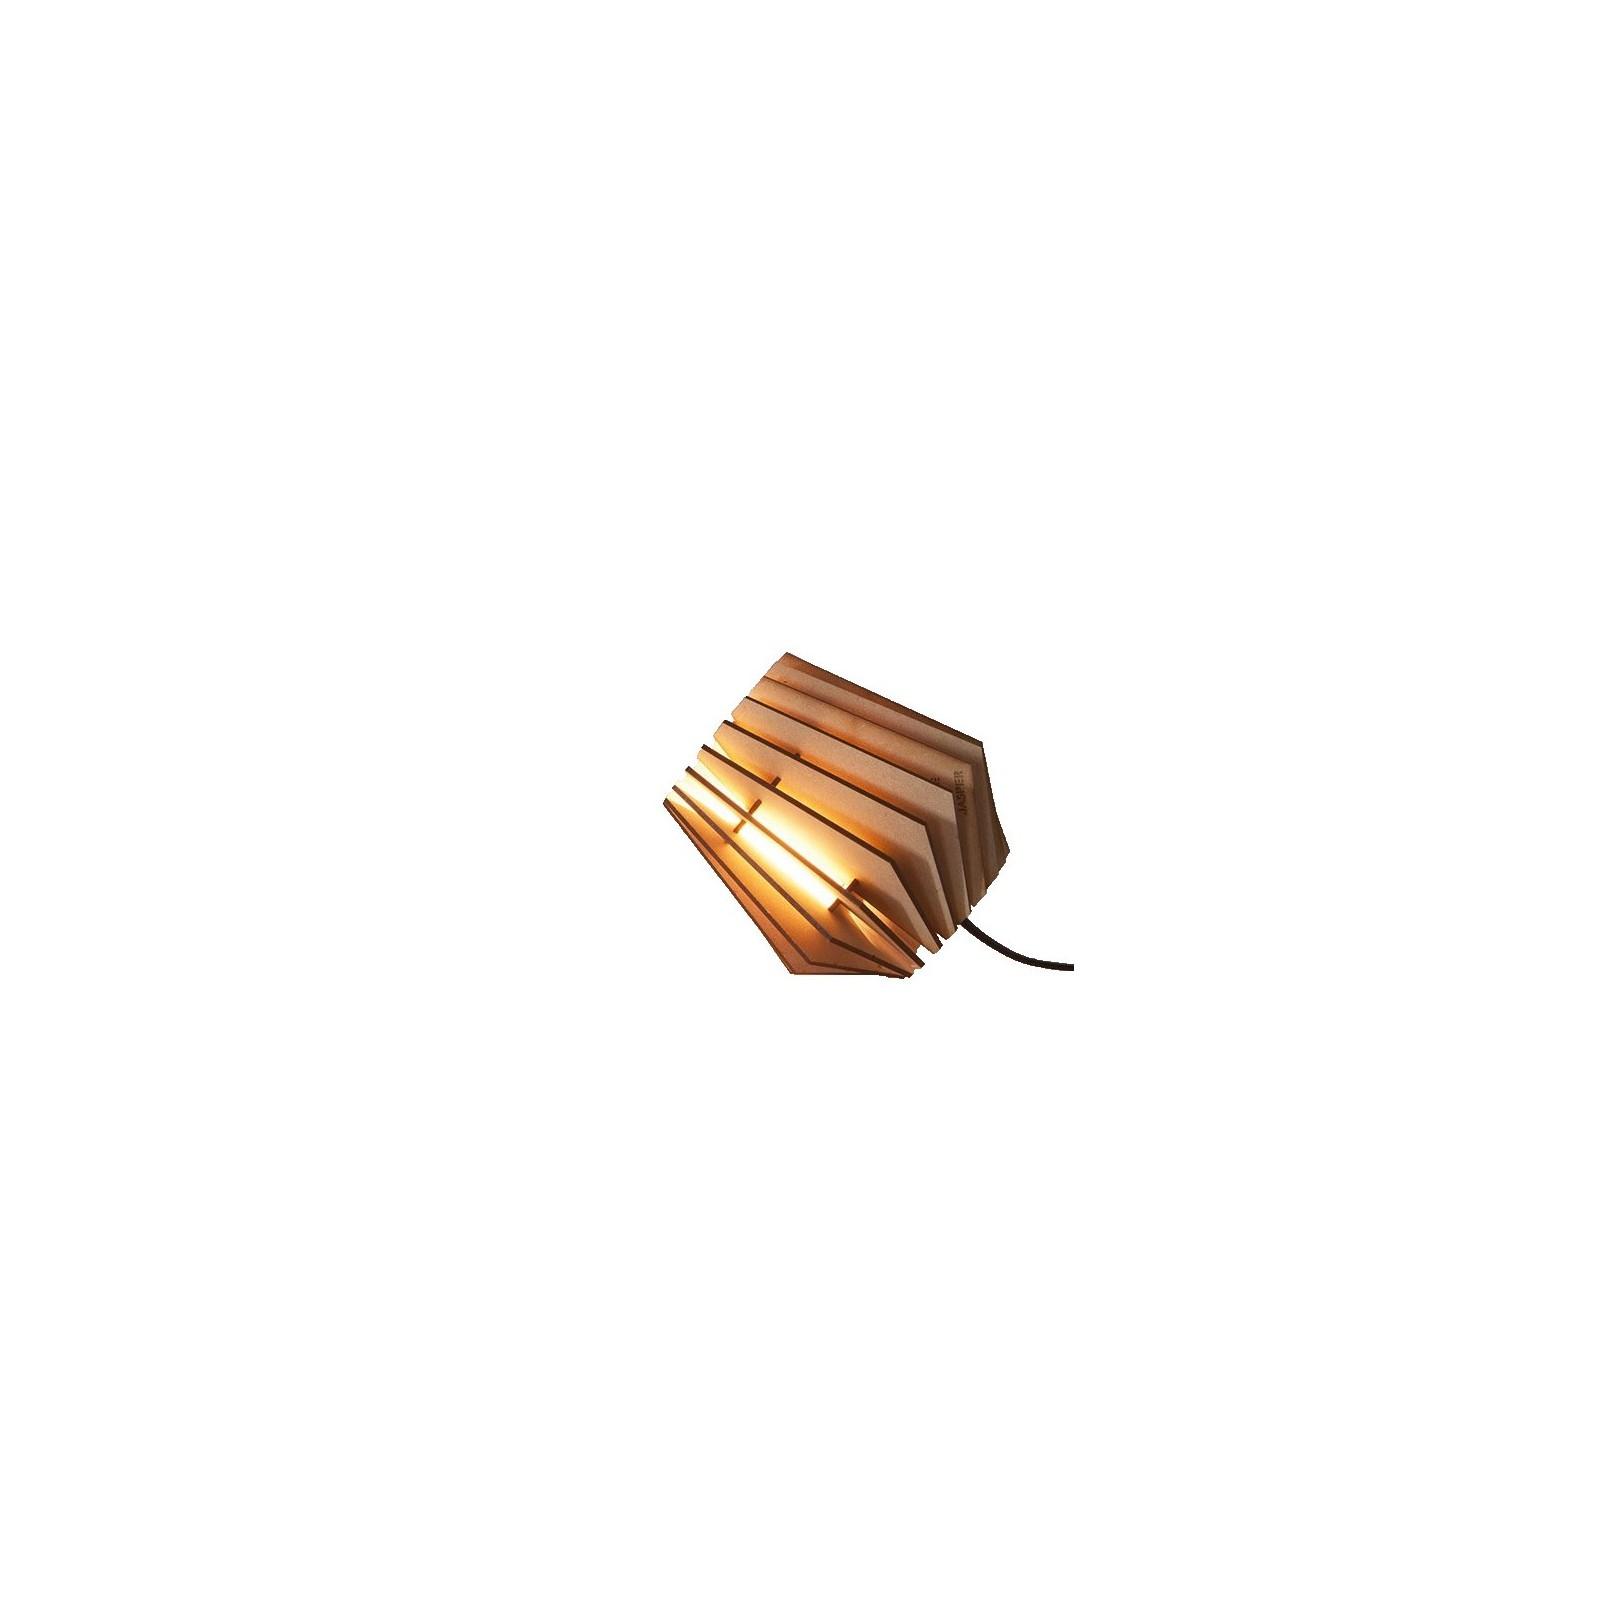 lampe mini made me arne concept. Black Bedroom Furniture Sets. Home Design Ideas